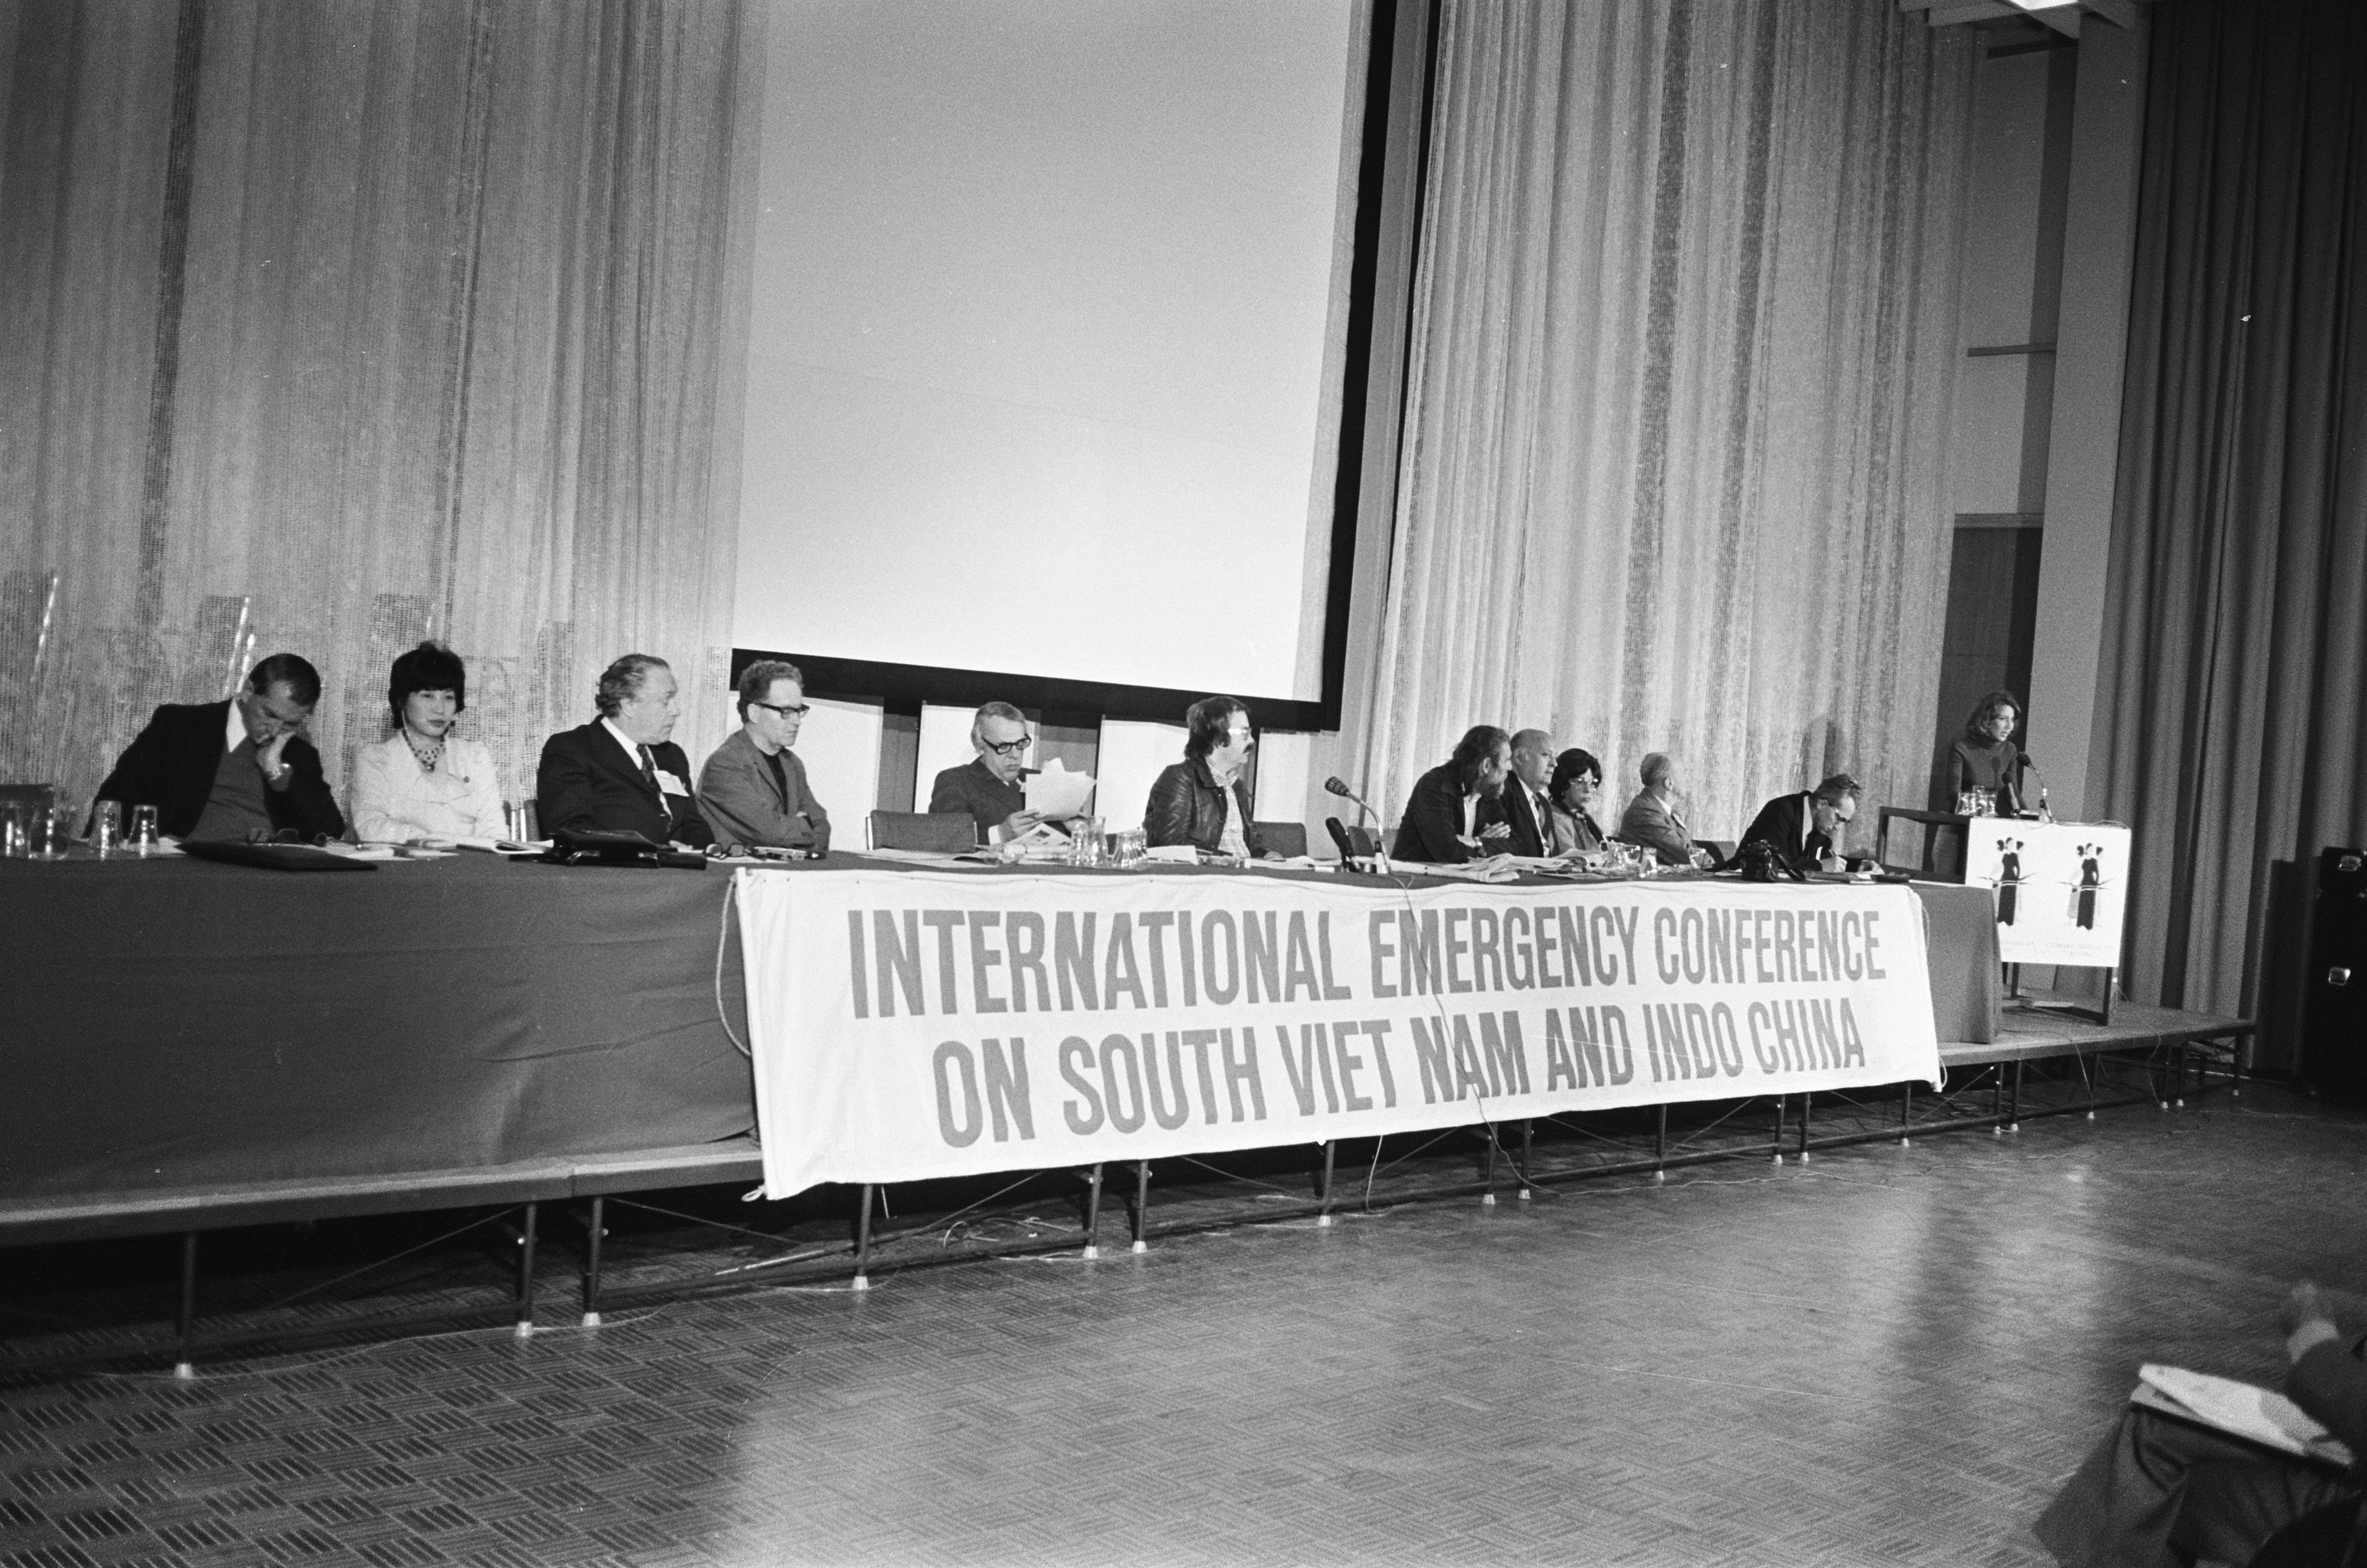 File:Overzicht van deelnemers aan de conferentie met onder